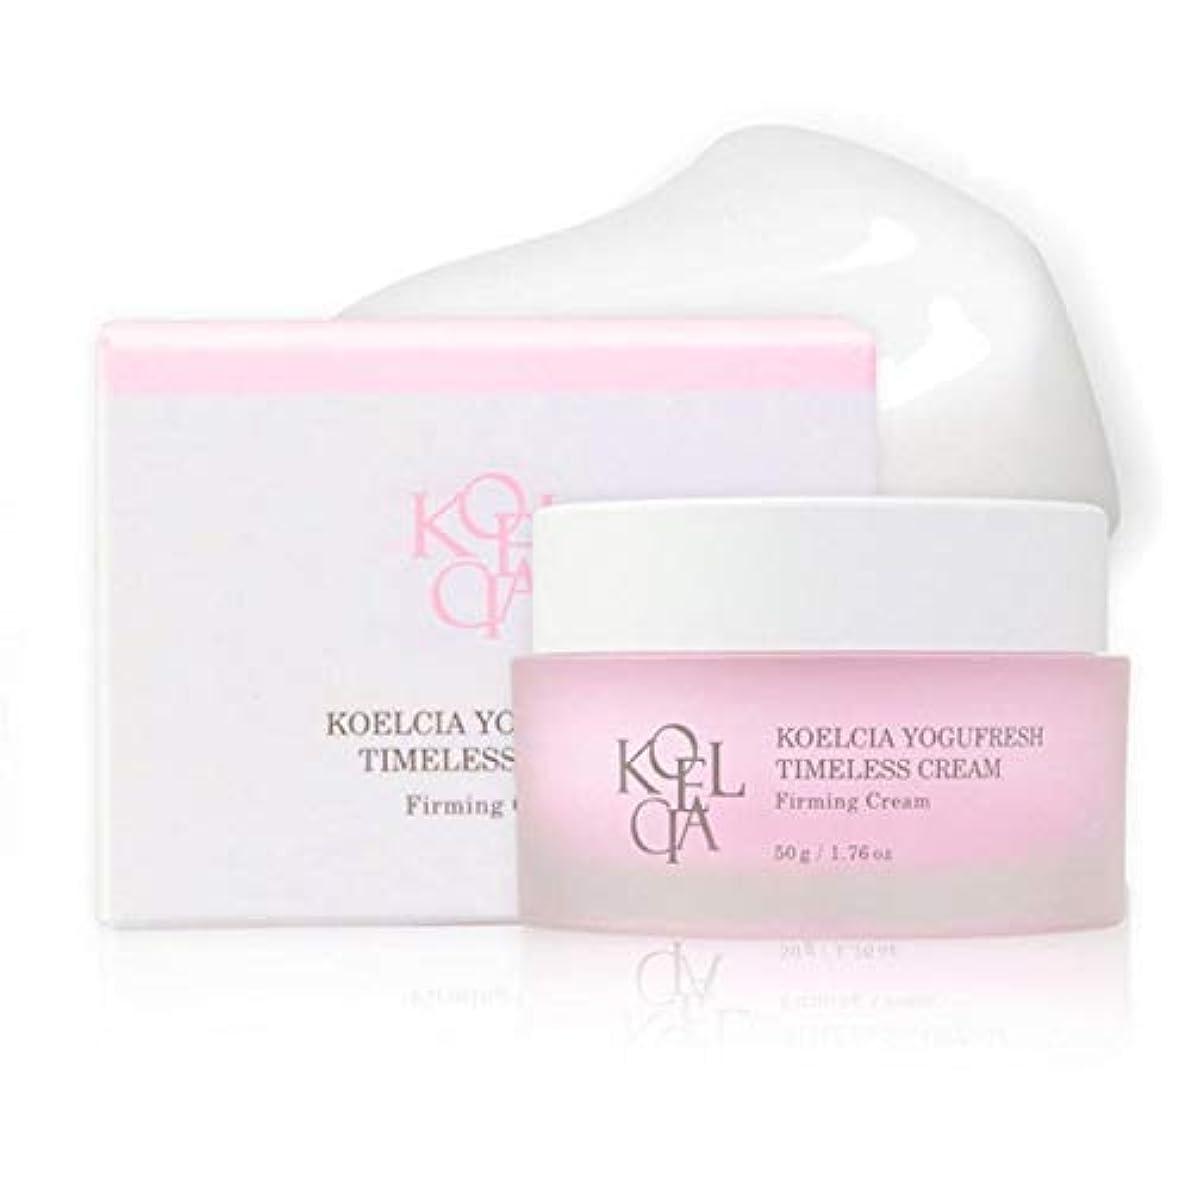 証明フロンティア頼む[KOELCIA] YOGUFRESH TIMELESS CREAM 50g/Most Hot K-Beauty Firming/Wrinkle Care Cream/Korea Cosmetics [並行輸入品]